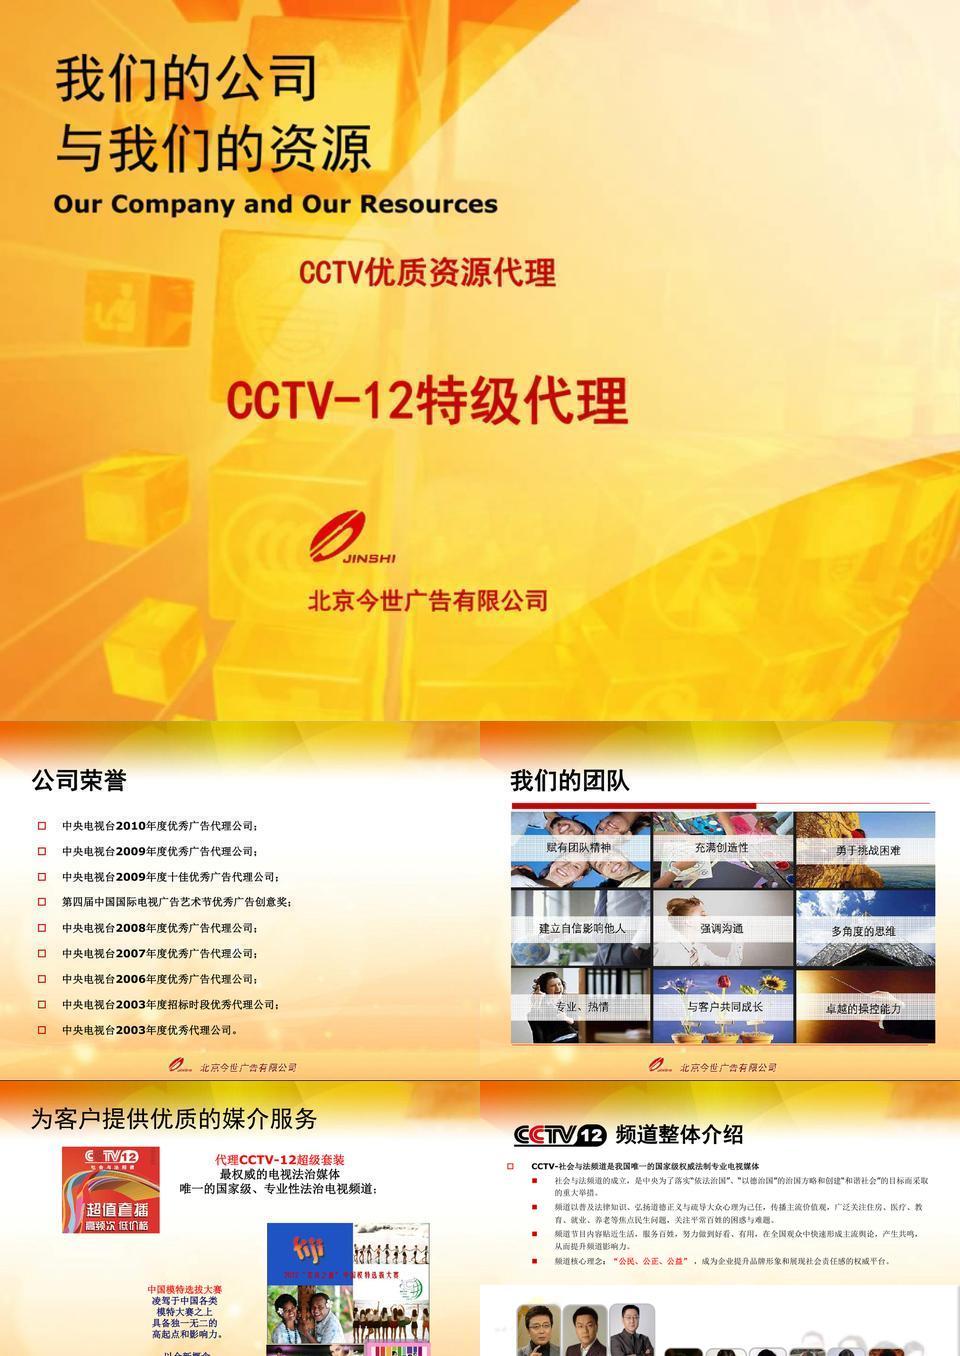 北京今世广告有限公司 CCTV-12超值套.ppt